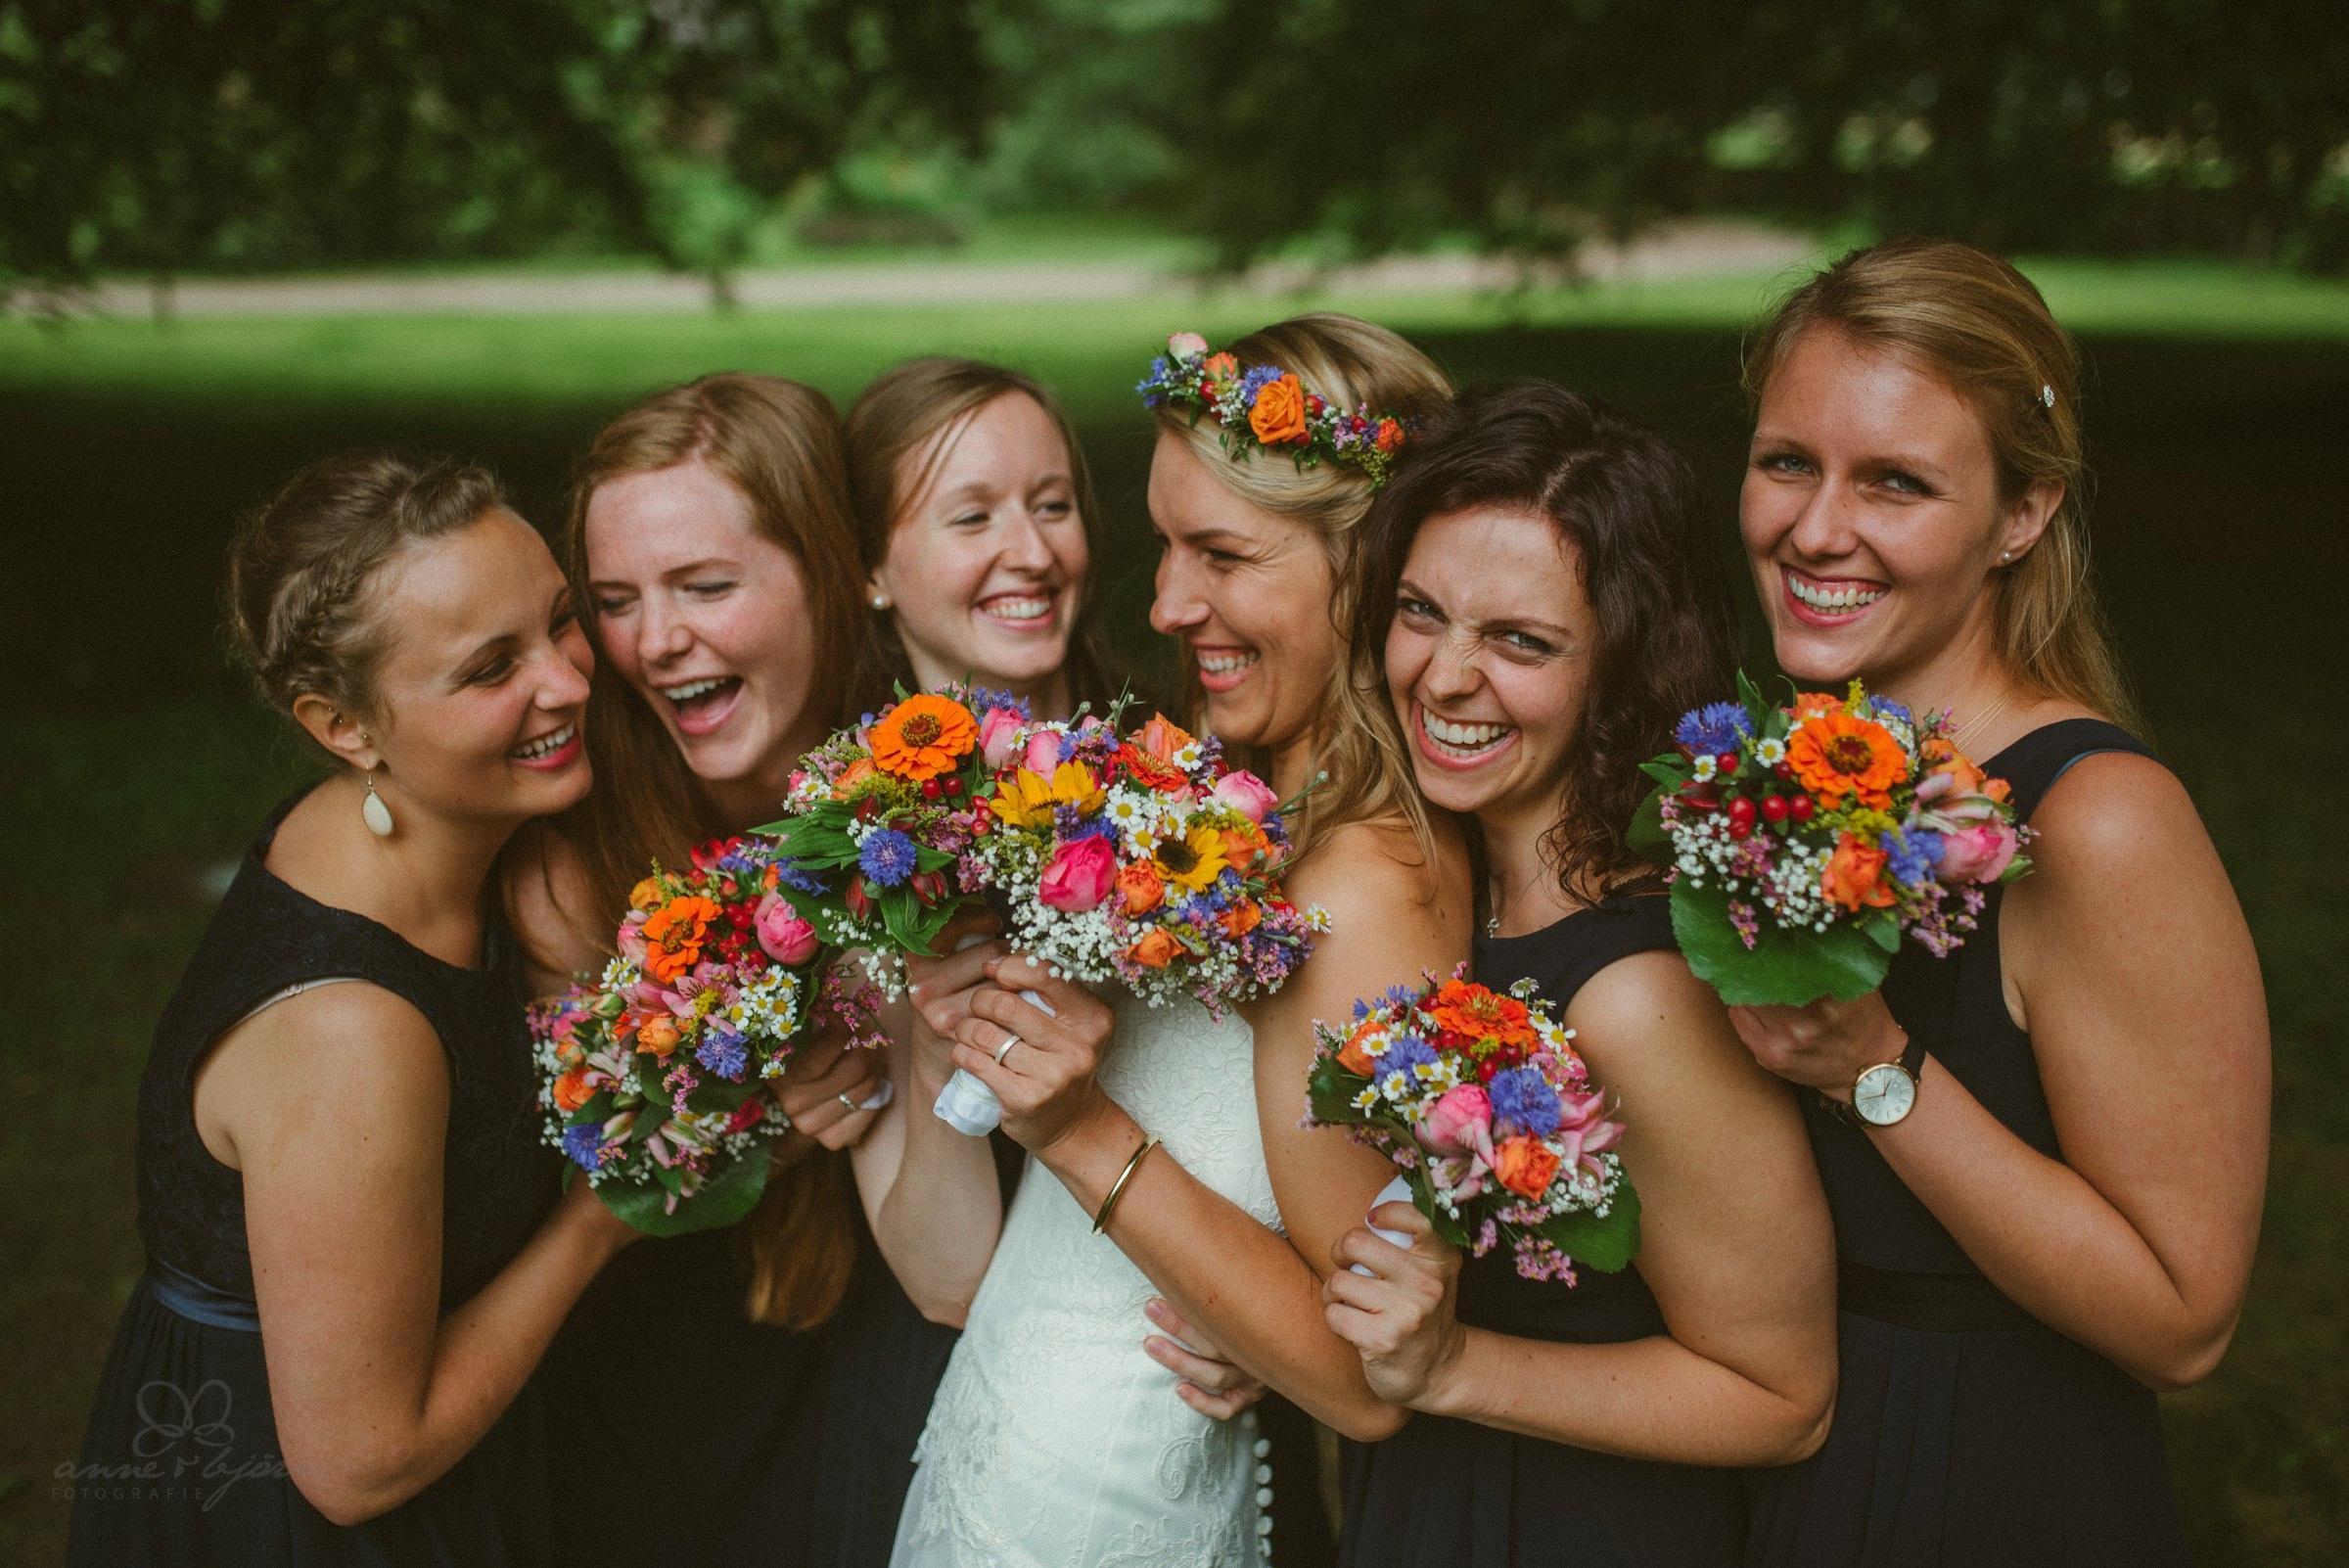 Brautjungfern, Blumenstrauß, bunt, Brautjungfernkleider, Freundinnen, Fotografin